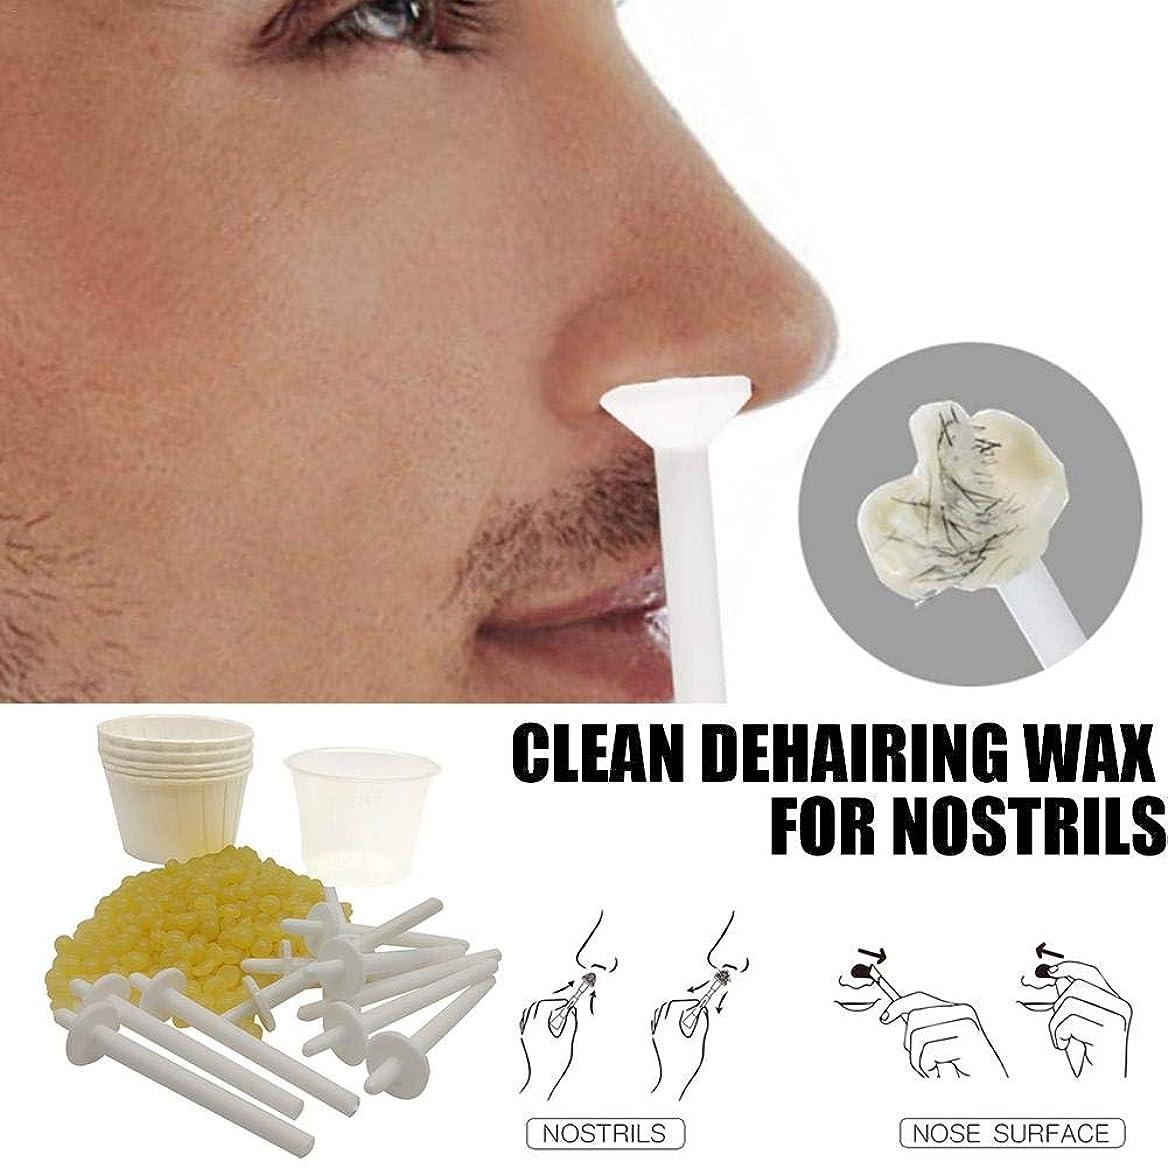 くすぐったい起きてほのめかすSILUN 鼻毛除去ワックスキット 鼻毛除去化粧道具 ノーズワックスポッド ポータブル道具 迅速かつ無痛 (50グラム/ 10回使用回数)